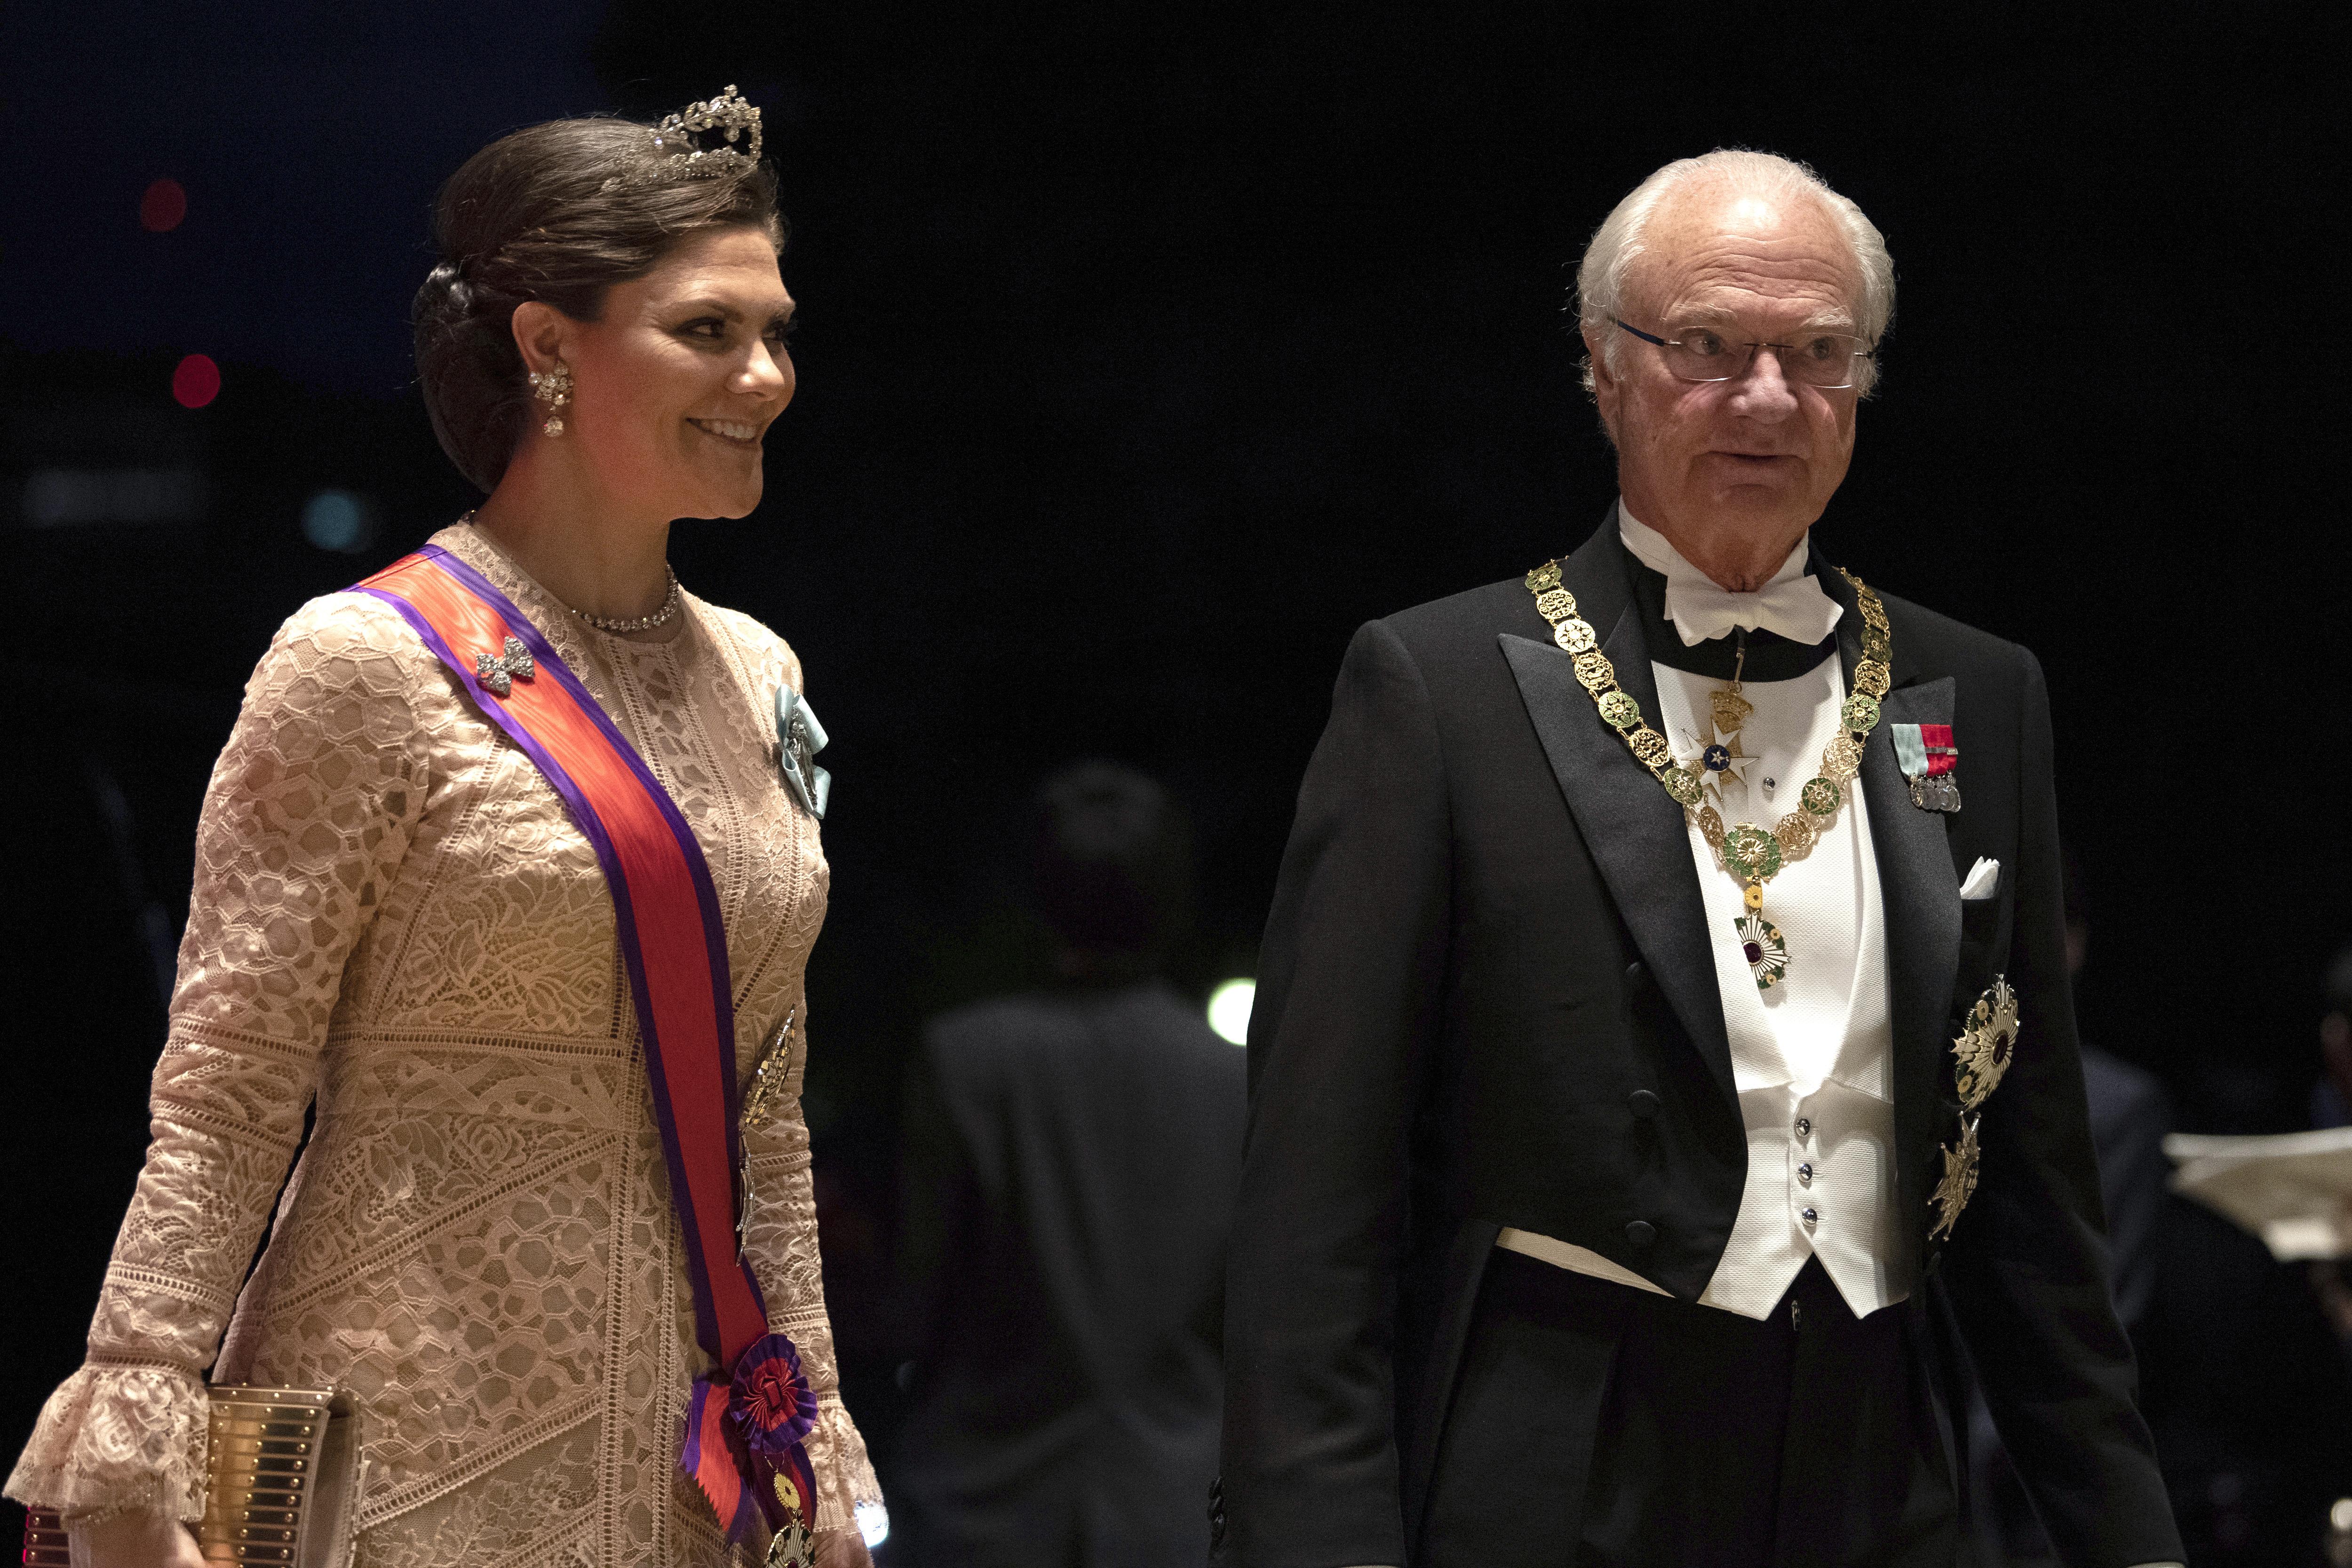 La princesa Victoria de Suecia junto a su padre, el rey Carl XVI Gustaf. (AP)